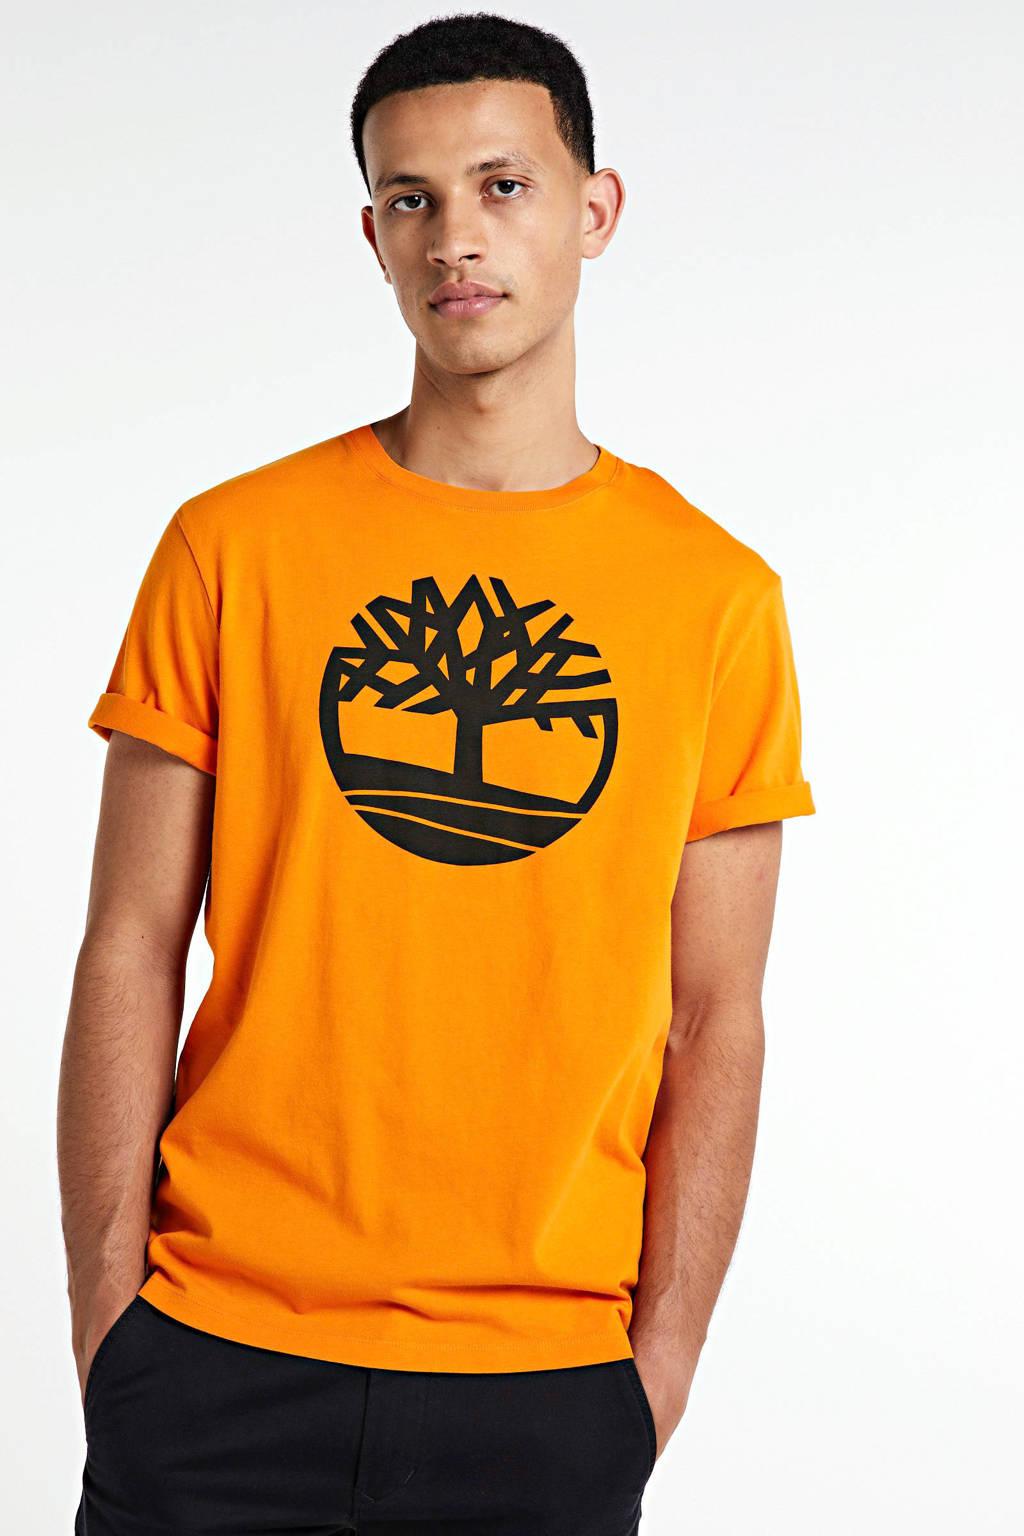 Timberland T-shirt met logo oranje/zwart, Oranje/zwart